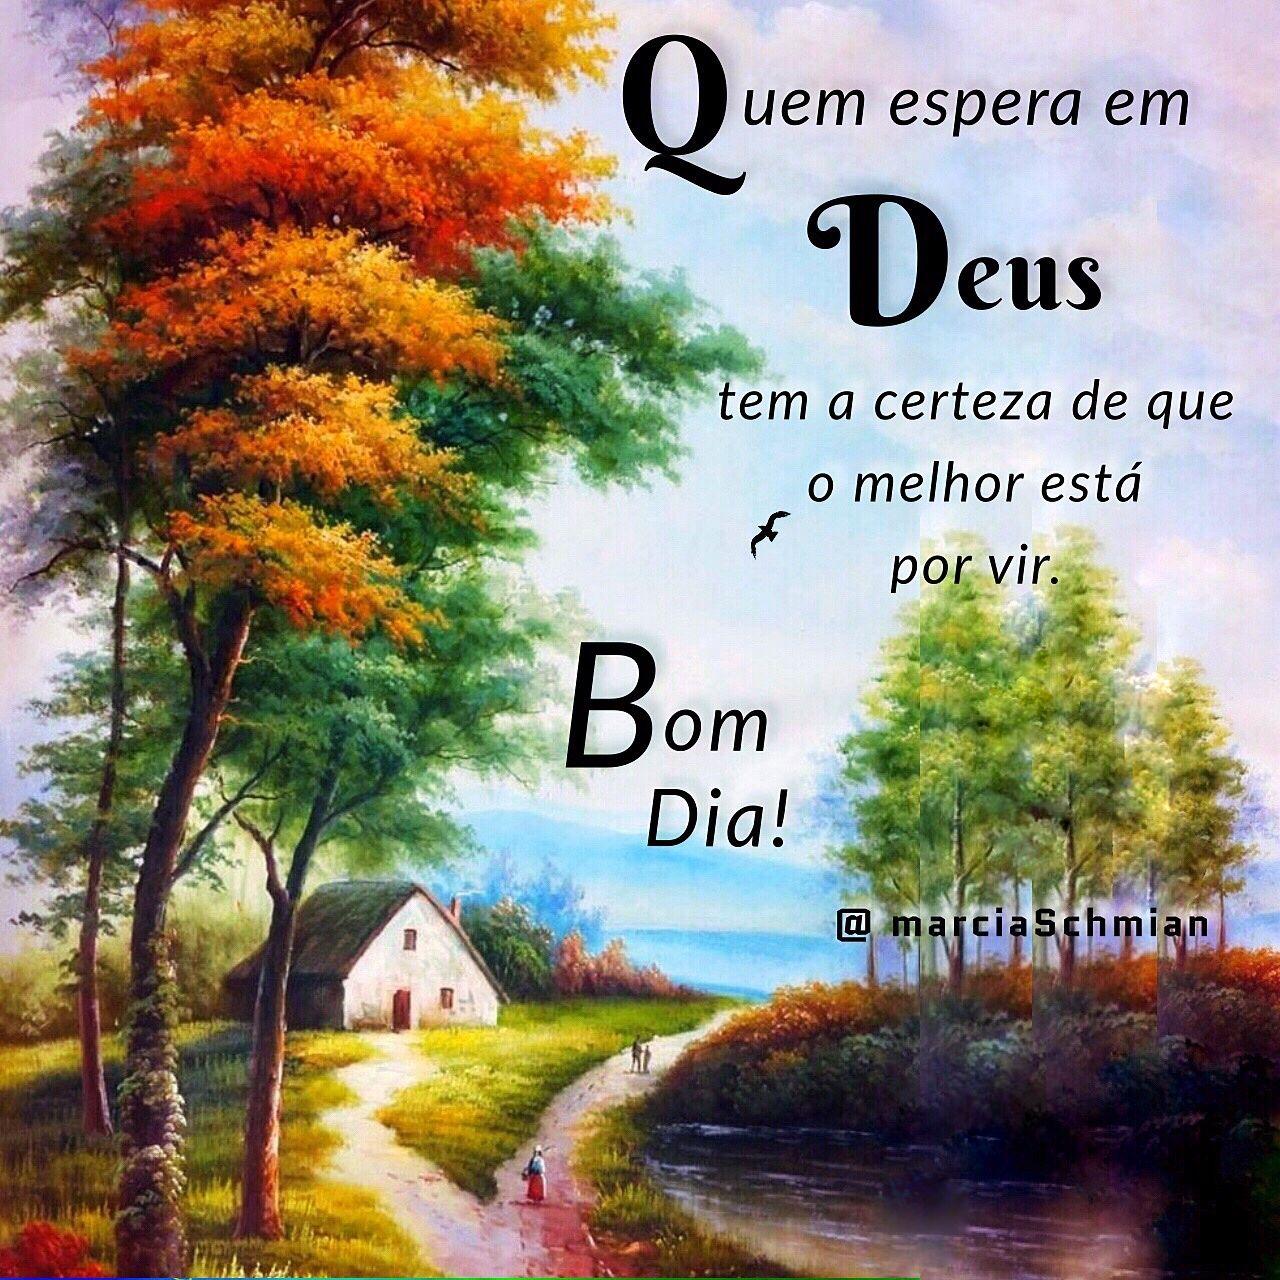 Bom Dia Frases Bomdia Pensamentos Deus Fé Dia